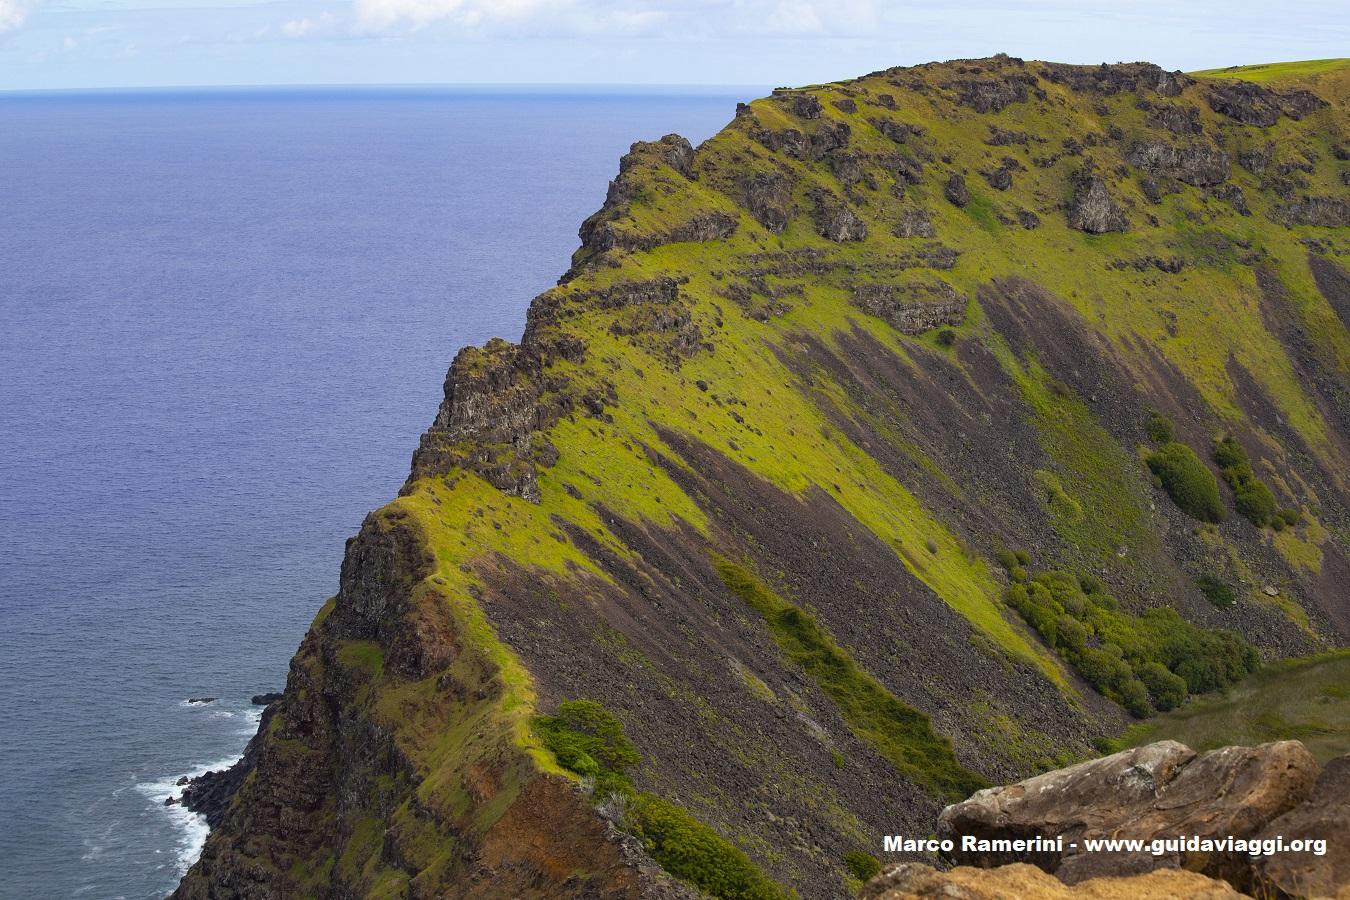 Uno dei vulcani dell'isola di Pasqua. Le pareti del cratere del Rano Kau, Isola di Pasqua, Cile. Autore e Copyright Marco Ramerini.